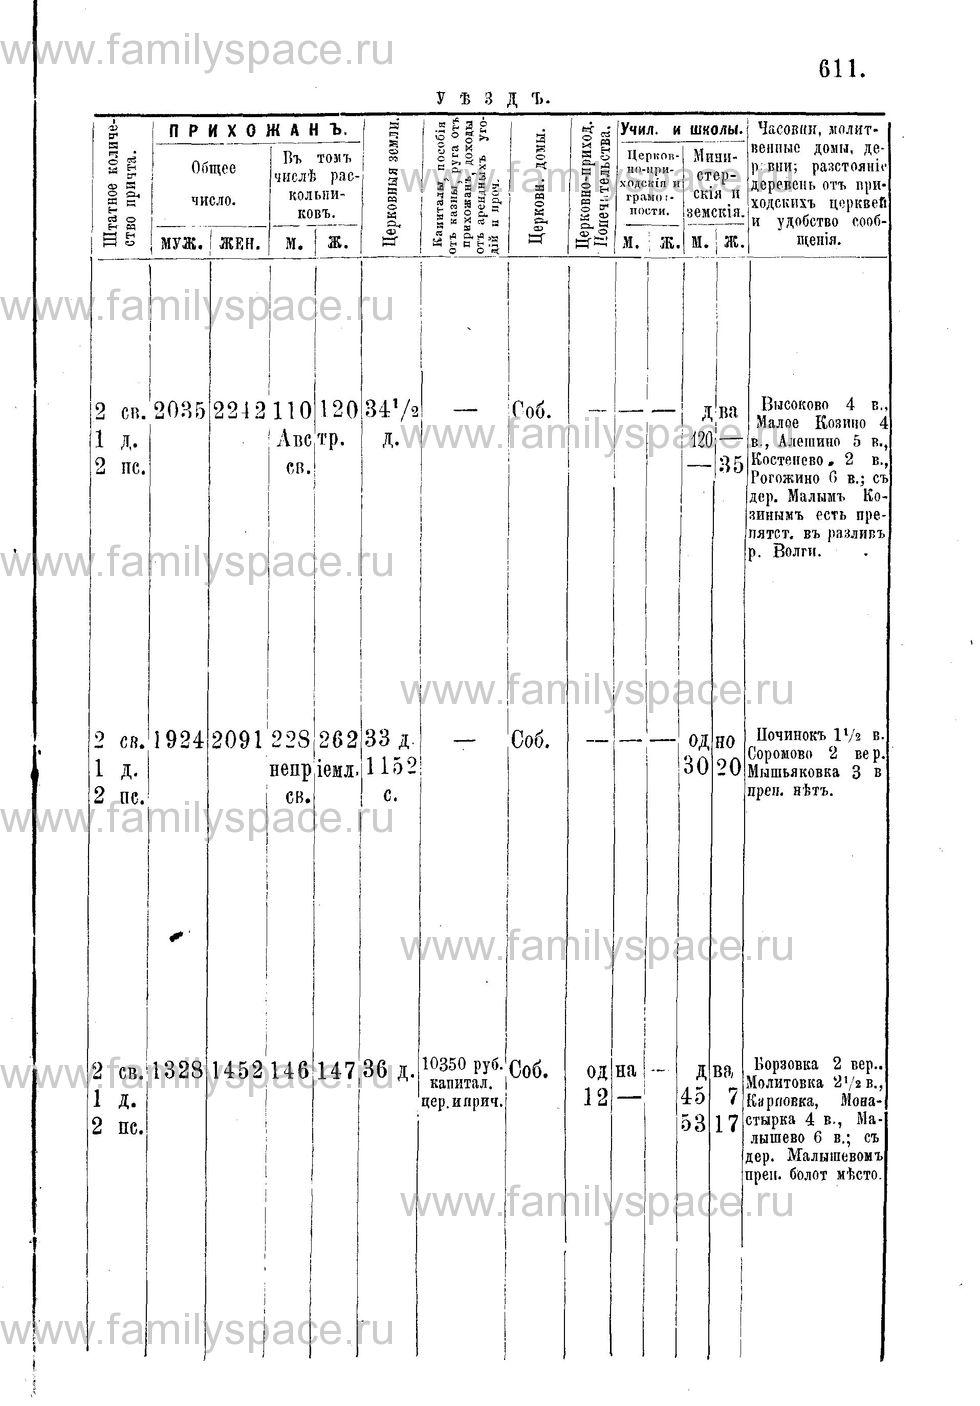 Поиск по фамилии - Адрес-календарь Нижегородской епархии на 1888 год, страница 1611